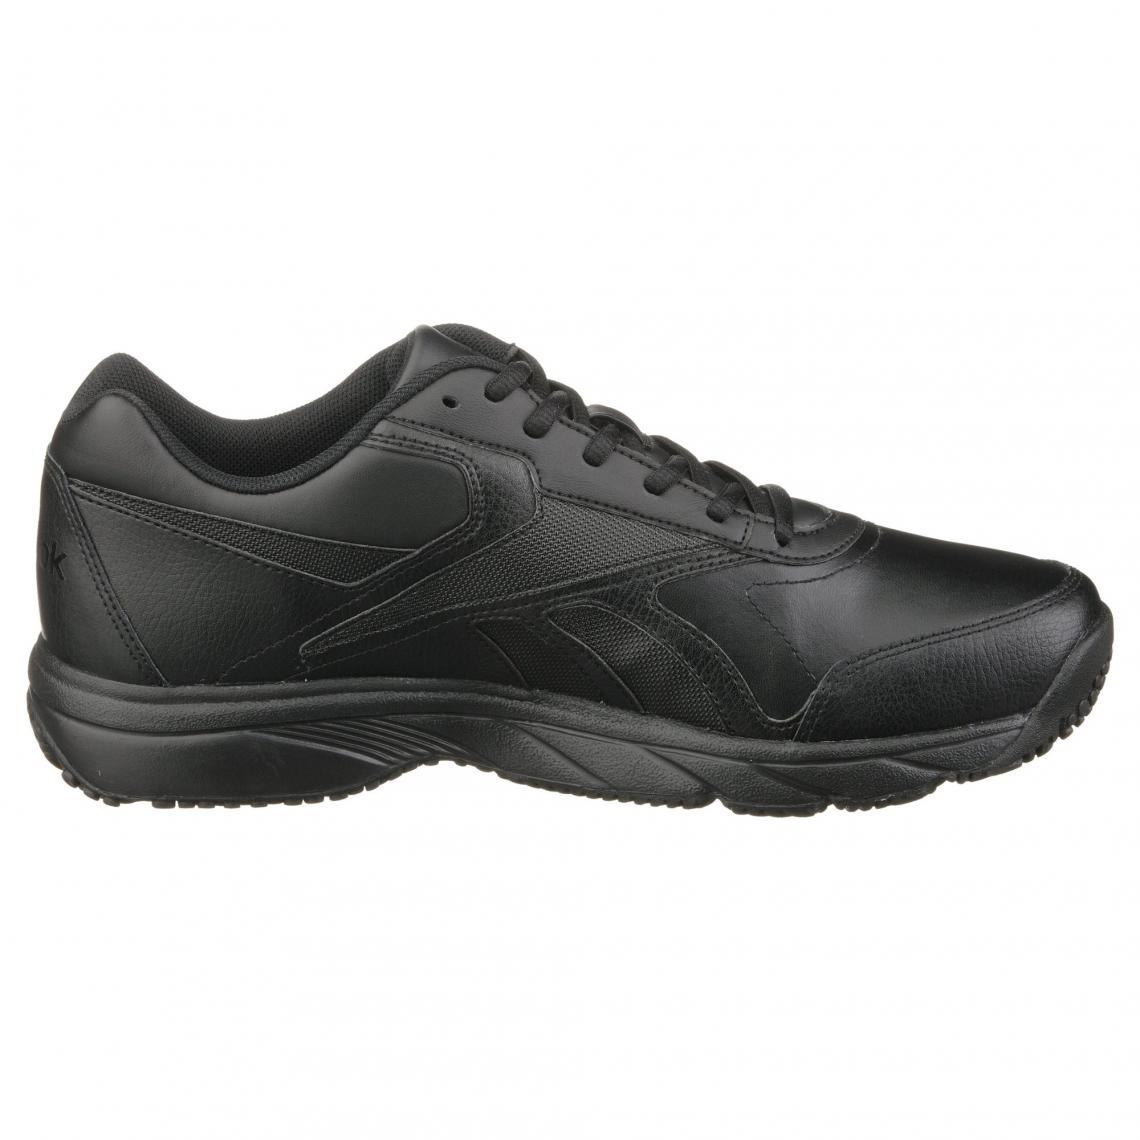 1cc56962d74 Chaussures de marche Work  N  Cushion avec amorti DMX Ride homme Reebok -  3Suisses